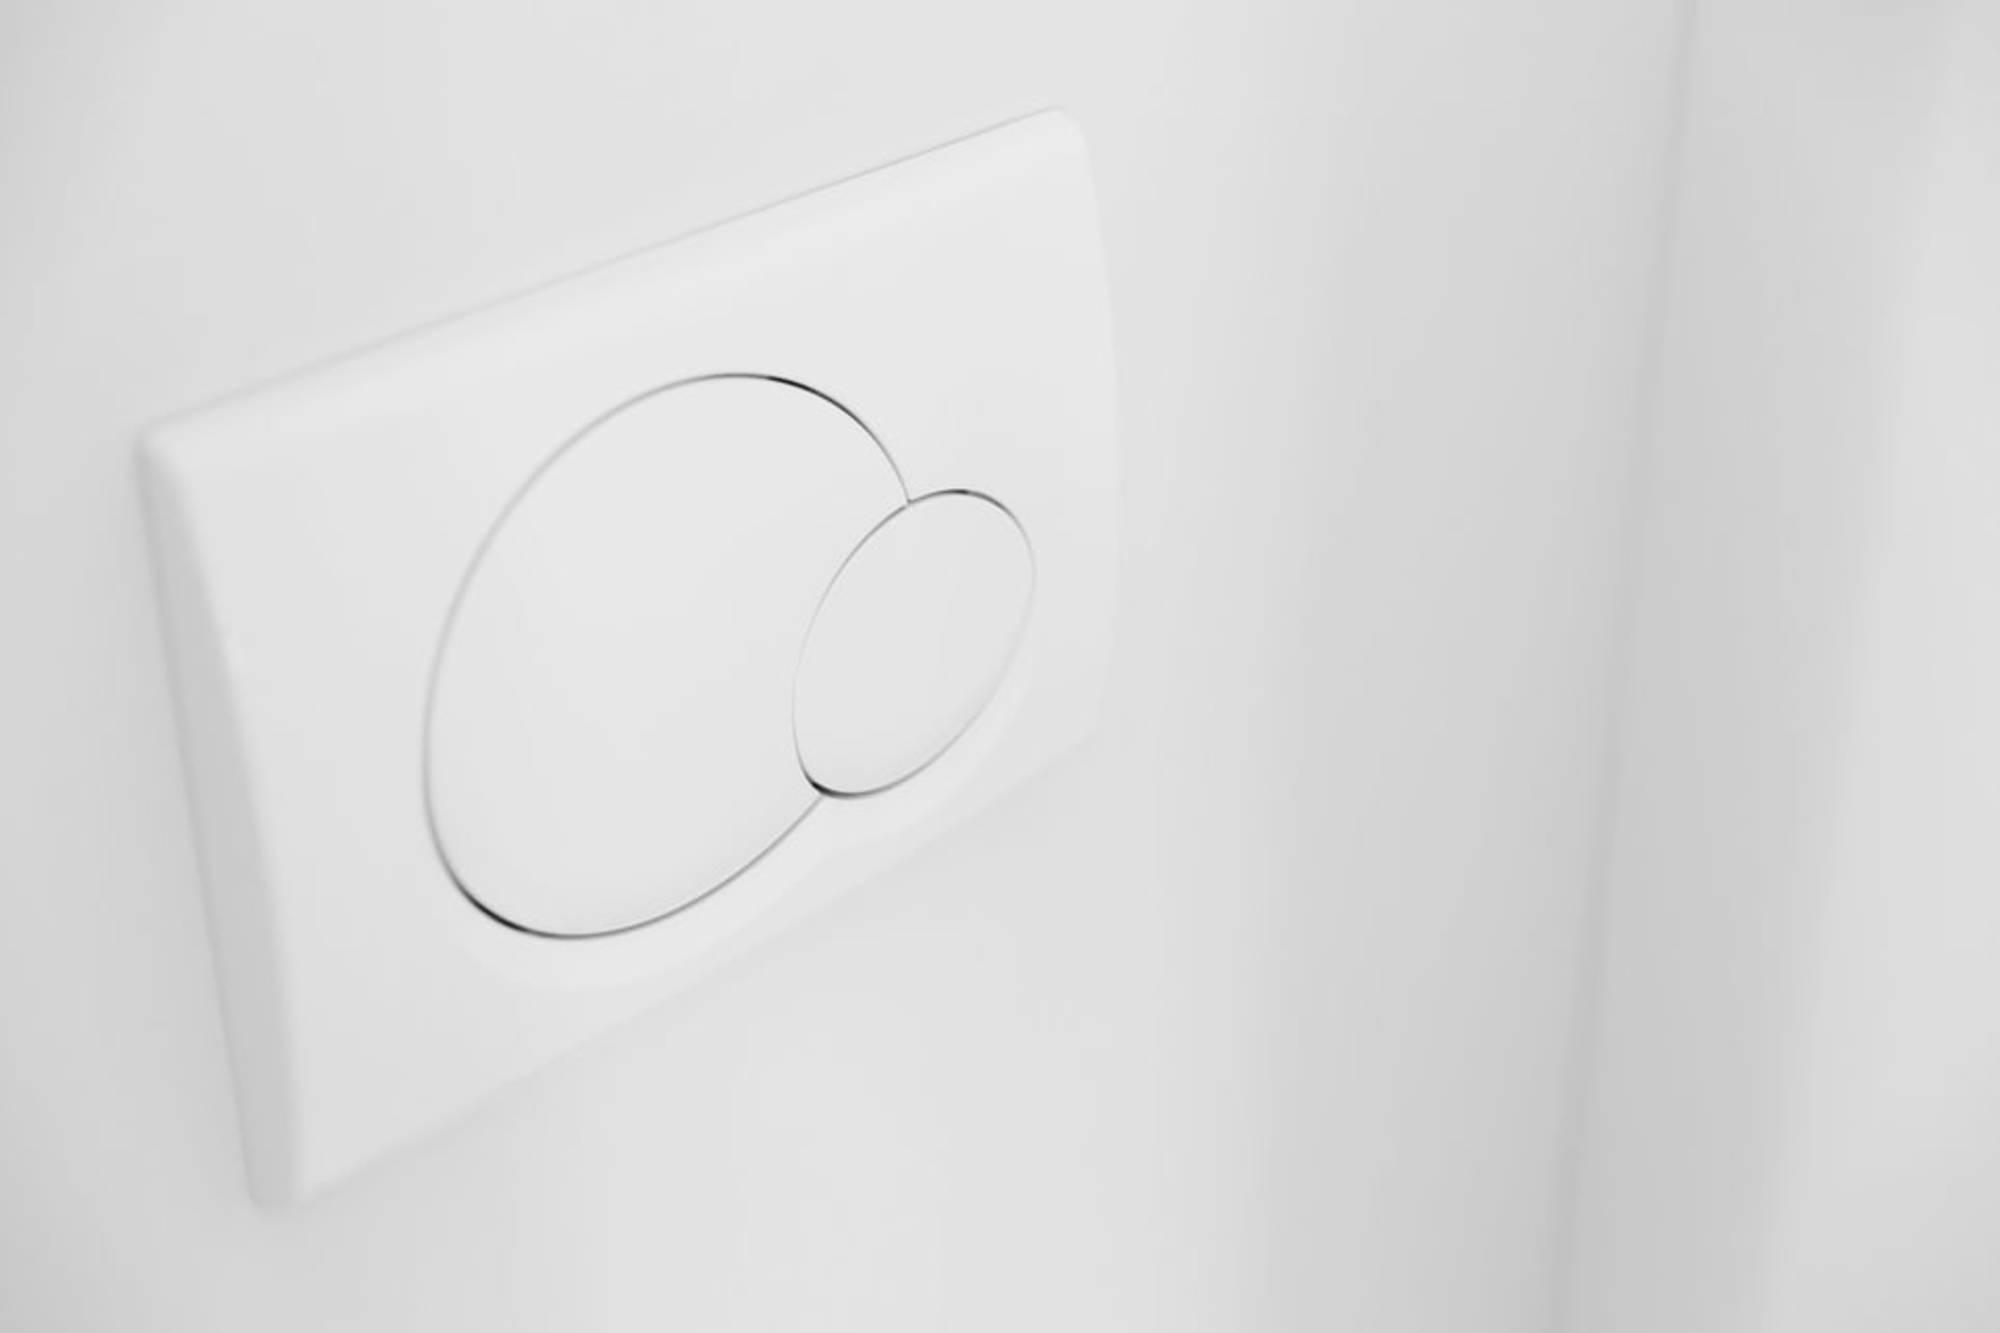 Spoelsysteem WC dubbele spoeling stortbakregelaar spaarknop